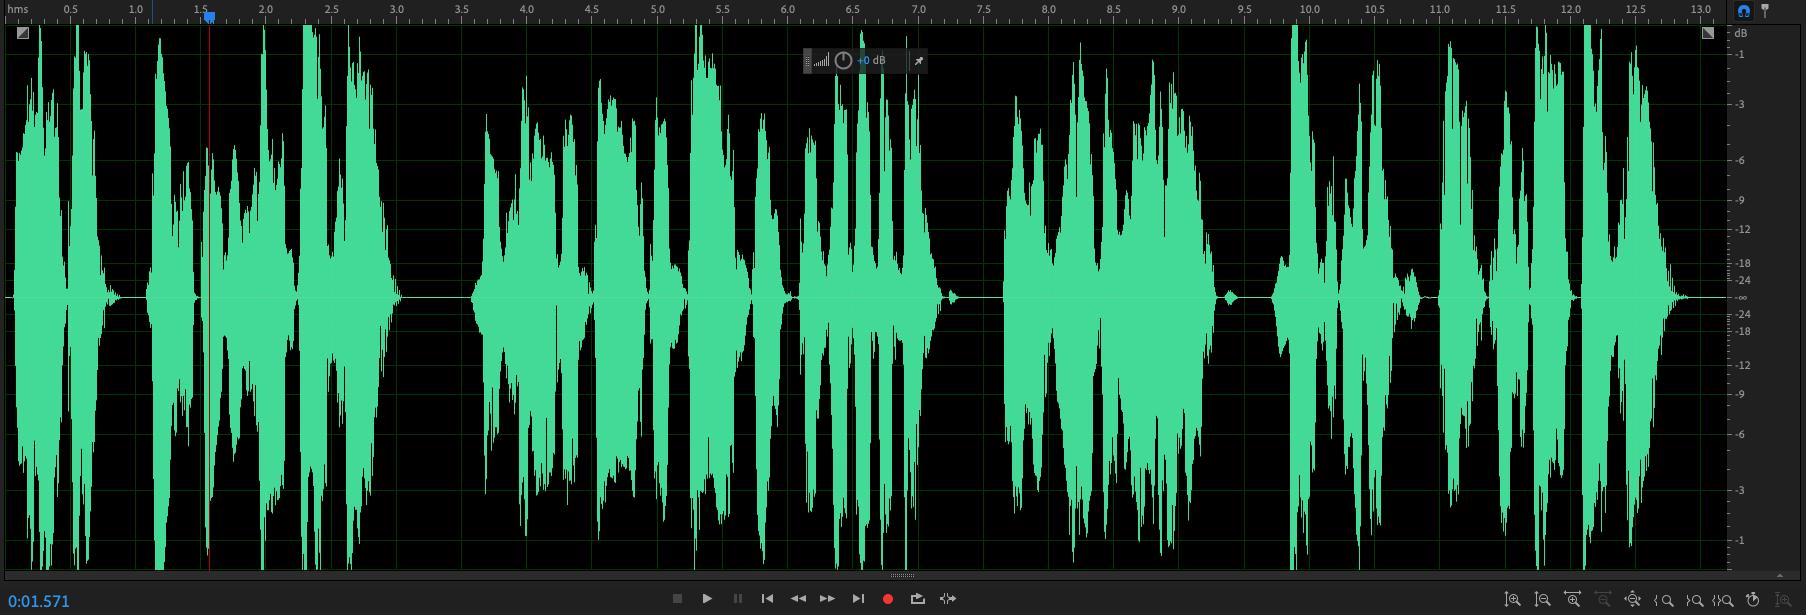 peaks exceeding 0 DB in Adobe Audition